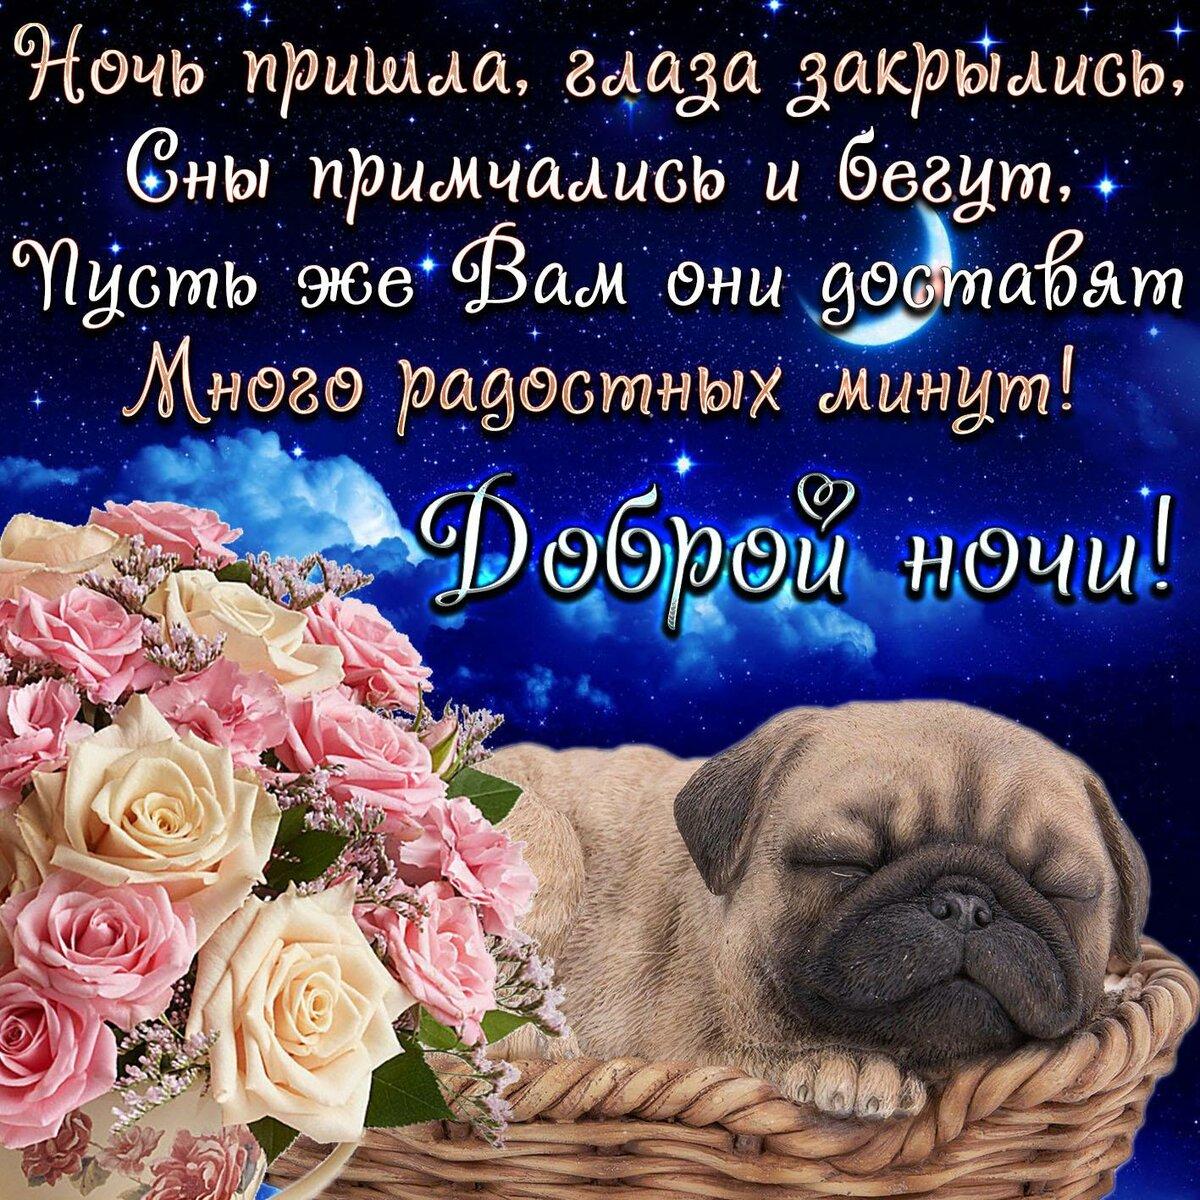 Спокойных снов картинки для друзей с пожеланиями, день рождение